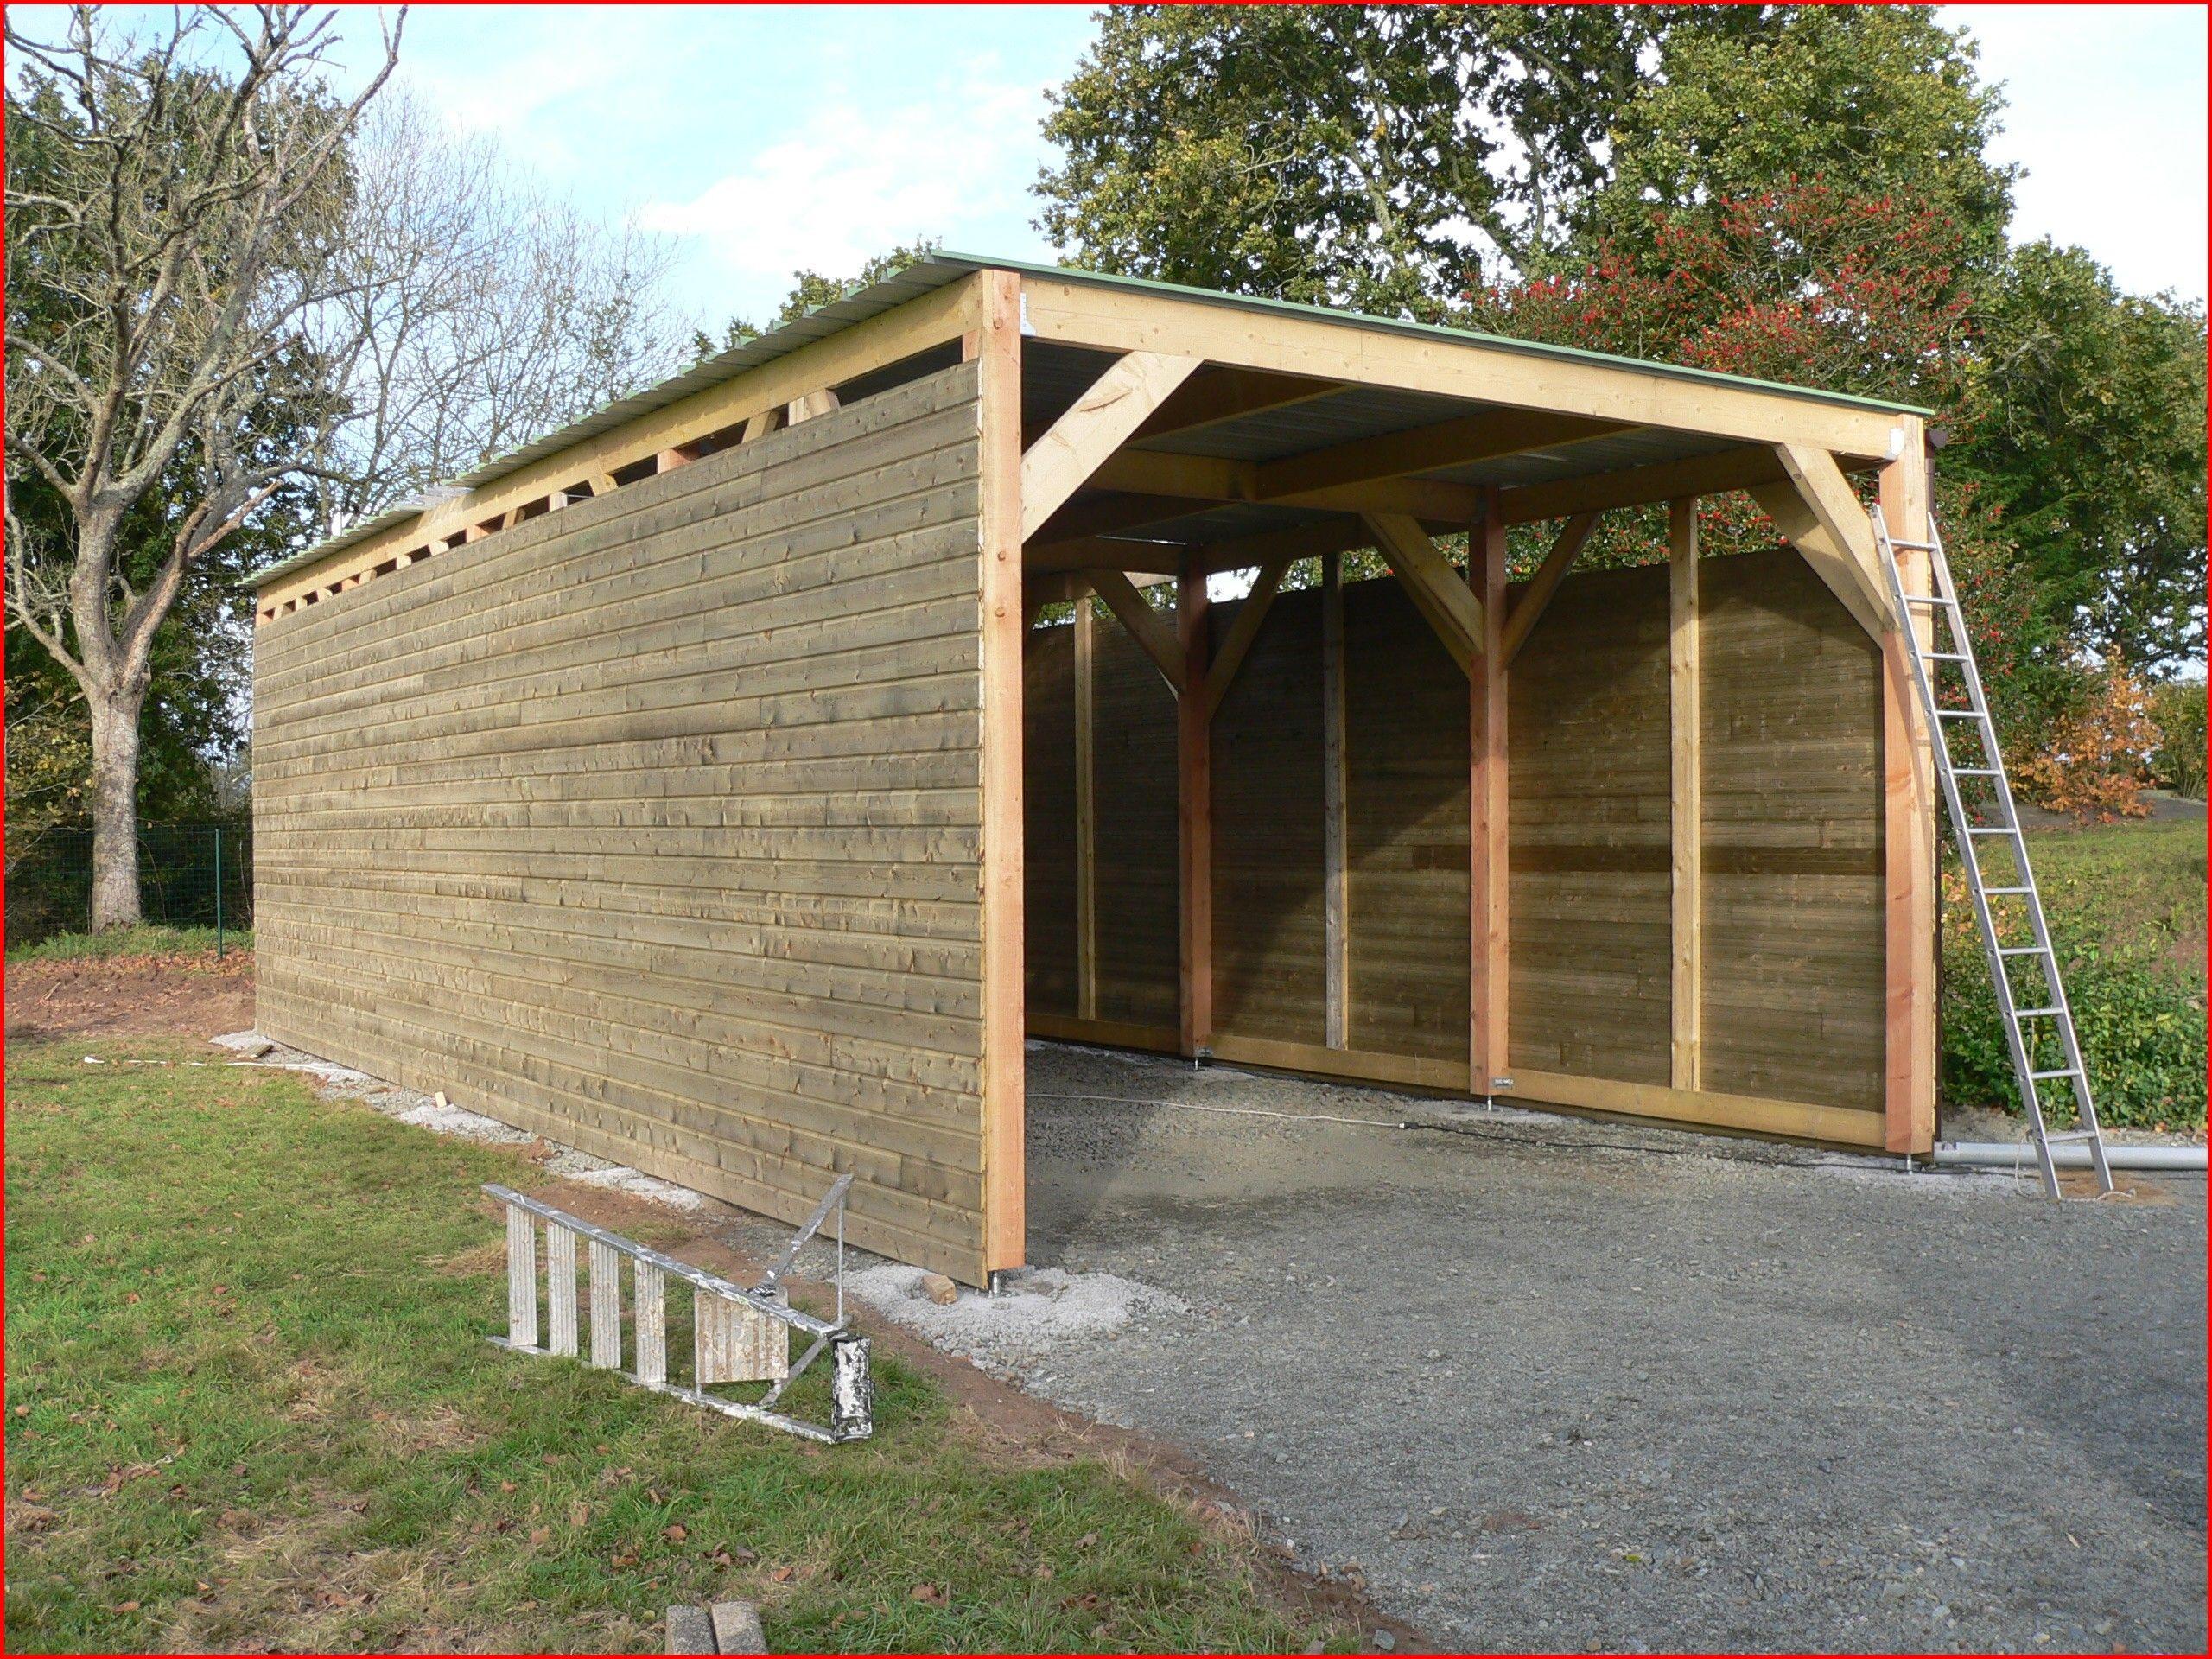 Fabriquer Son Garage En Bois Comment Construire Un Parpaing Construction D Hangar Davidreed Co En 2020 Garage Bois Construction Garage Construction Bois